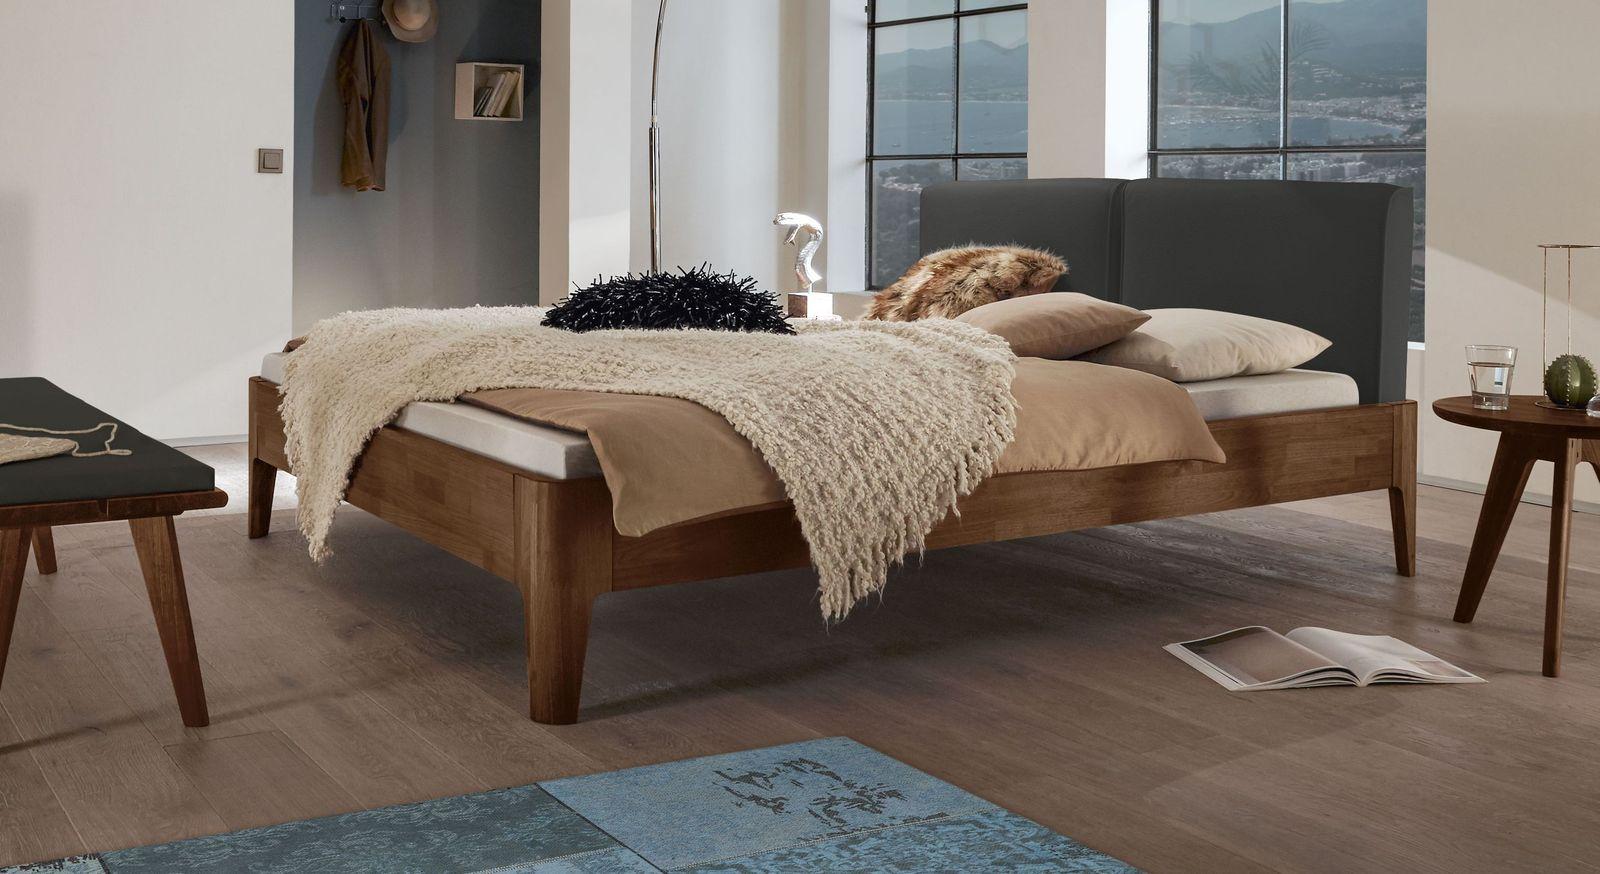 Bett Gori aus Nussbaumholz mit anthrazitfarbenem Kopfteilpolster